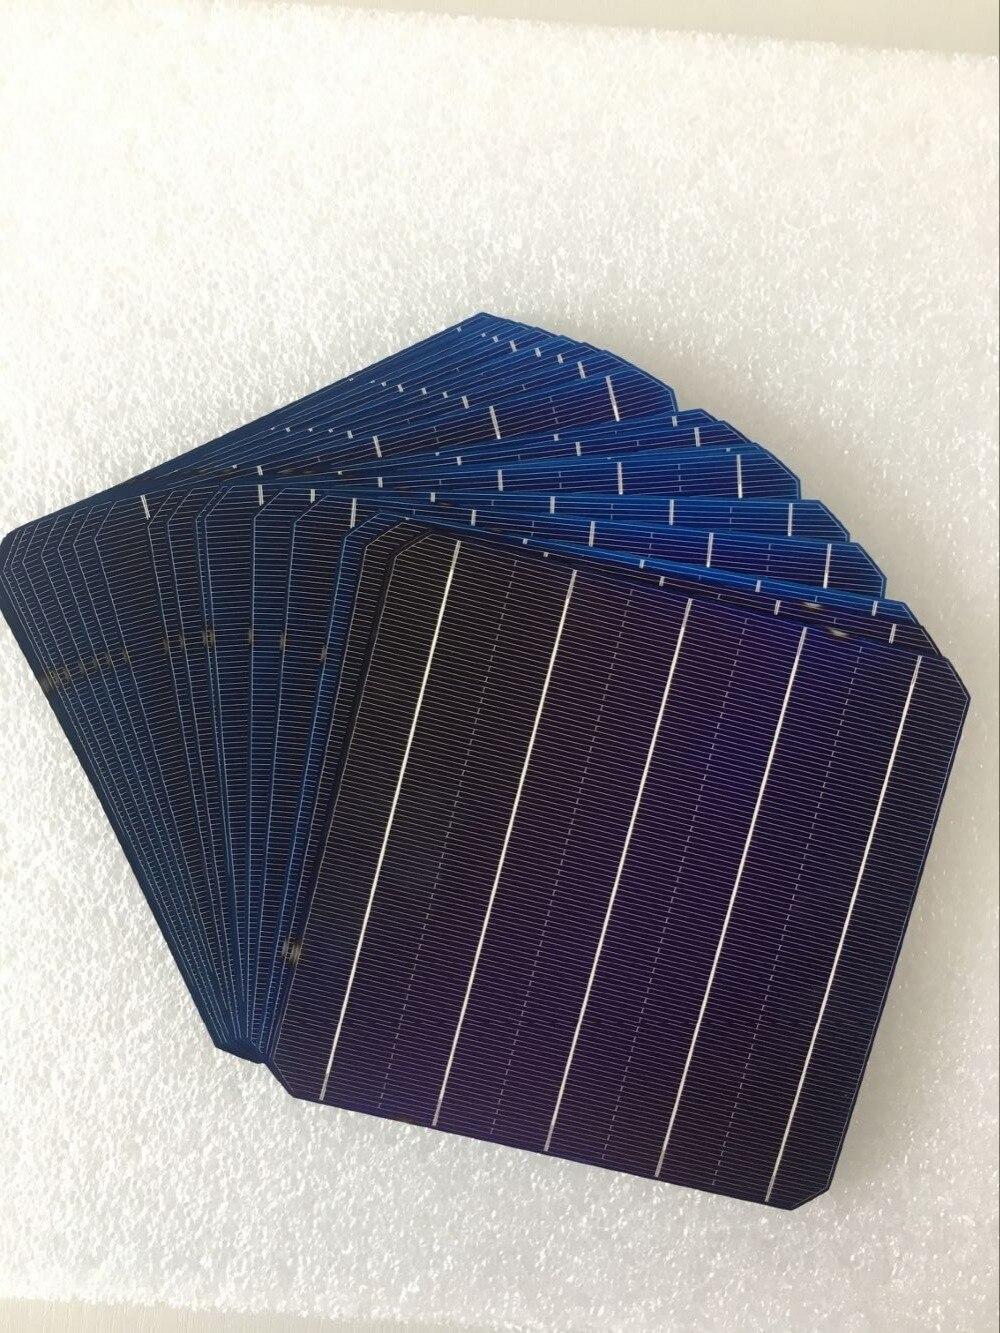 100 pièces 5 W 0.5 V 20.6% efficacité Grade A 156*156 MM photovoltaïque Mono monocristallin silicium cellule solaire 6x6 pour panneau solaire